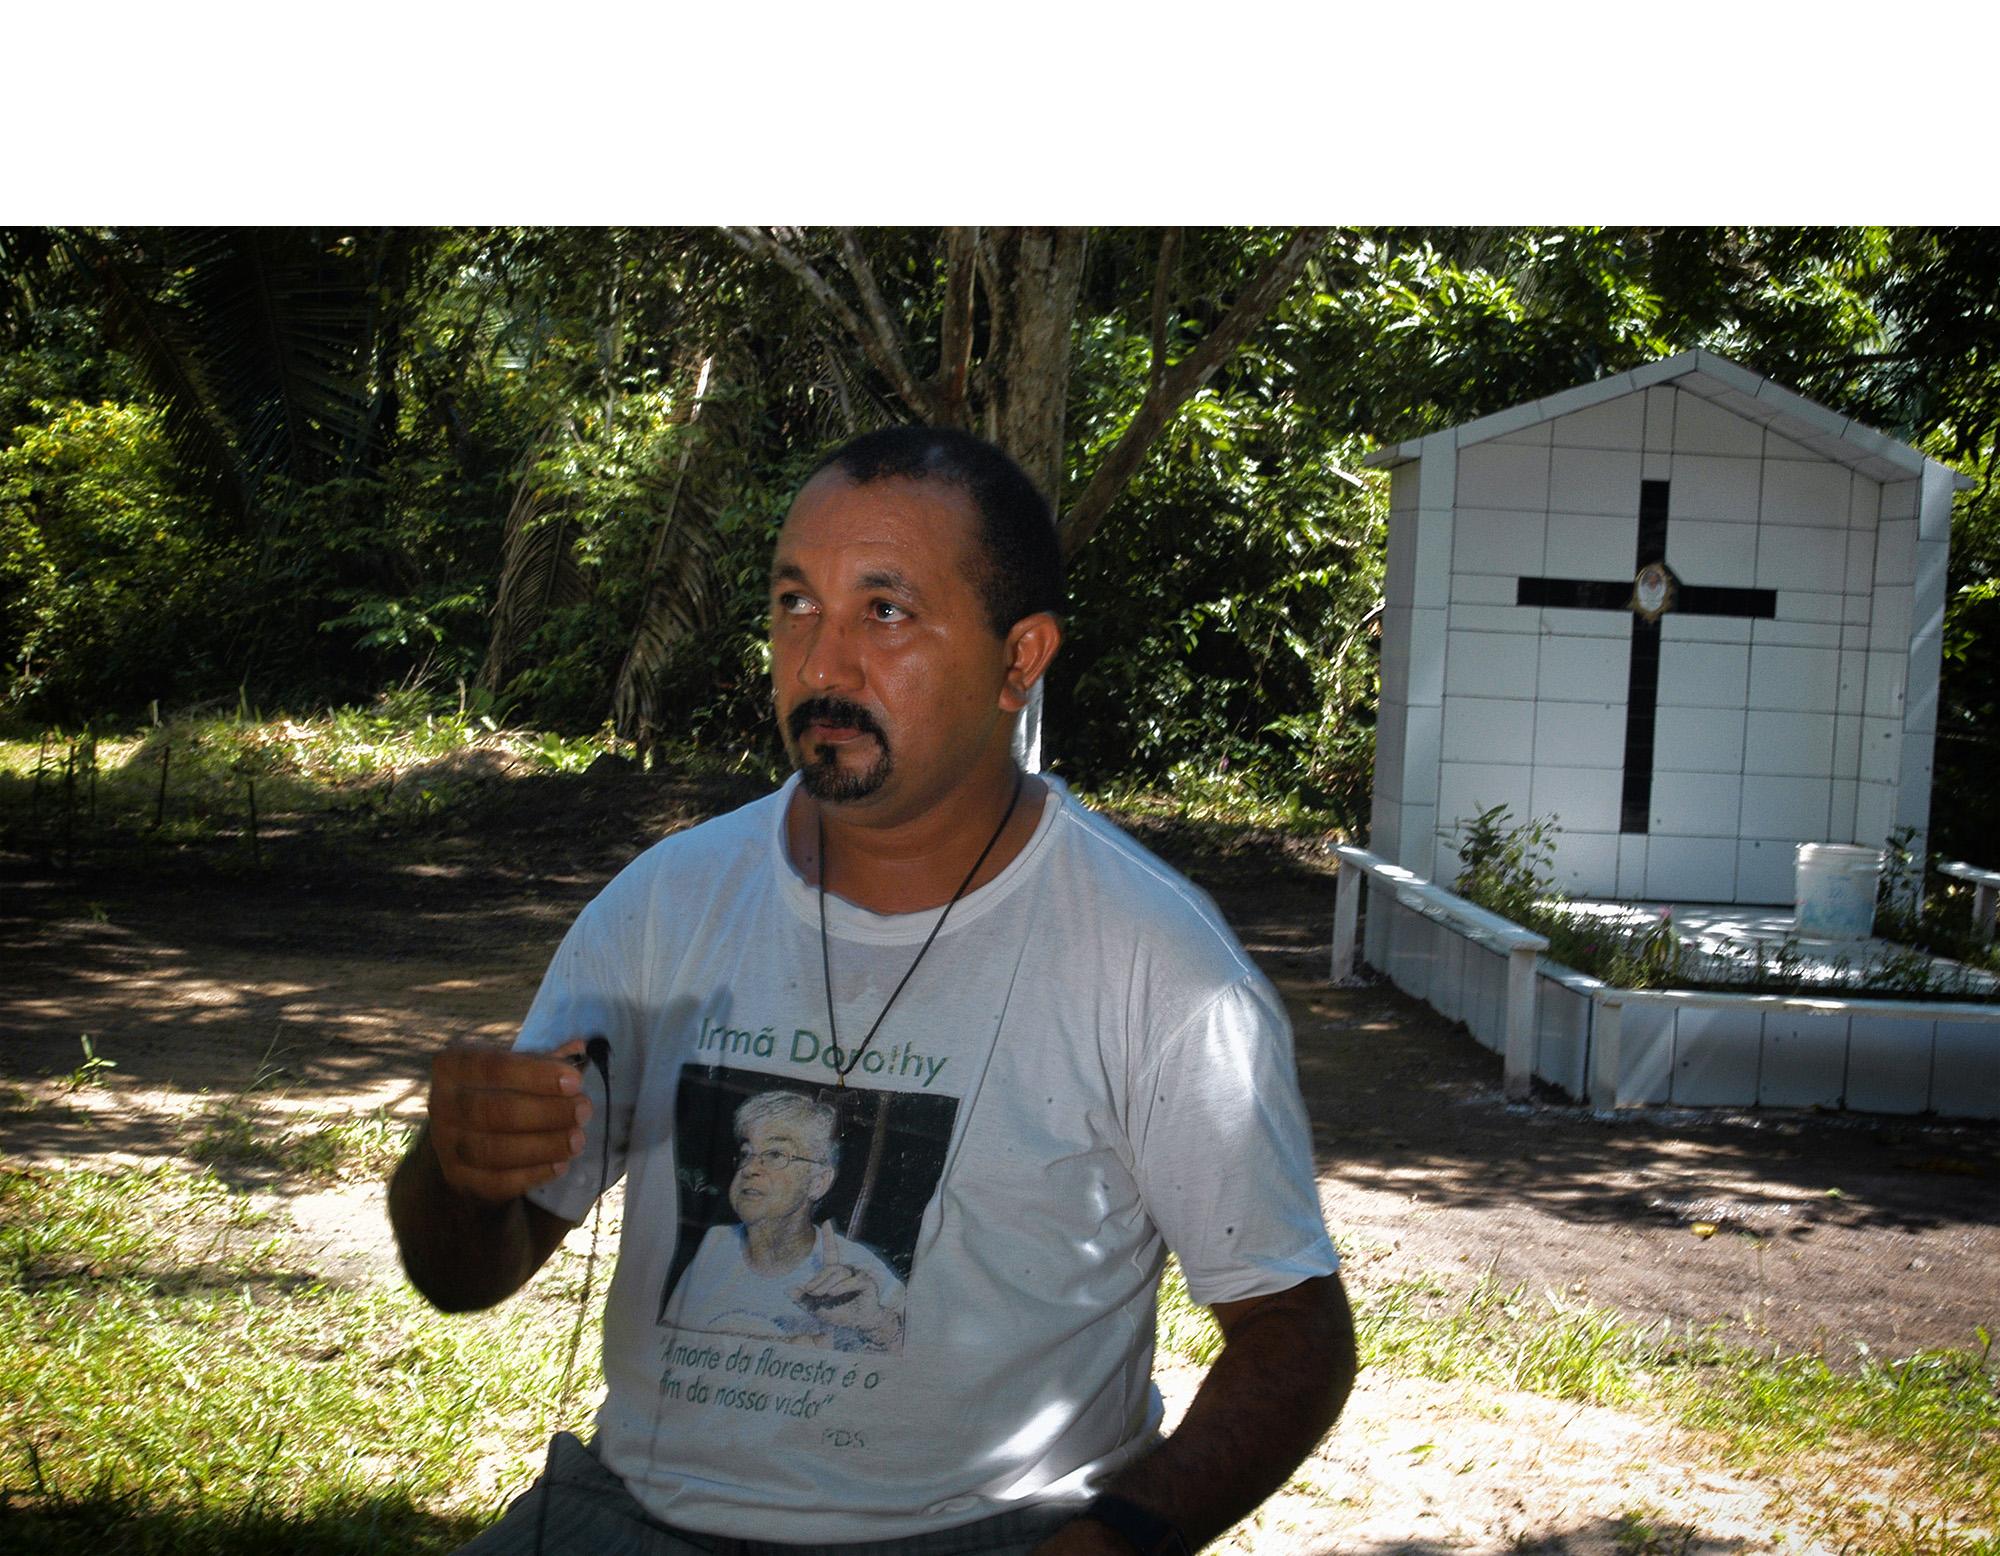 Livre da acusação de assédio sexual, Justiça do Pará mantém padre Amaro preso